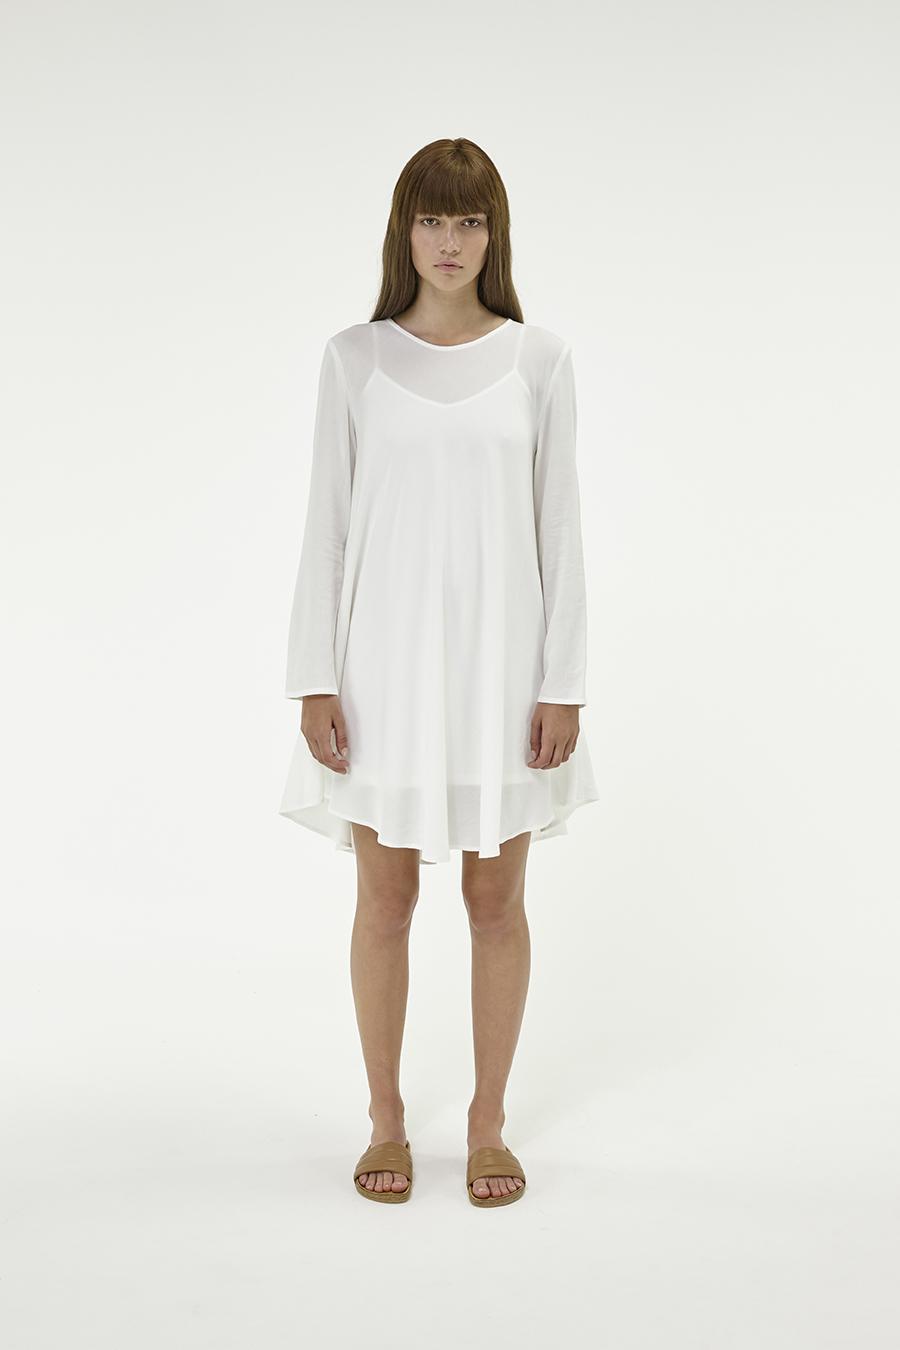 Huffer_Q3-16_W-LS-Minne-Dress_White-01